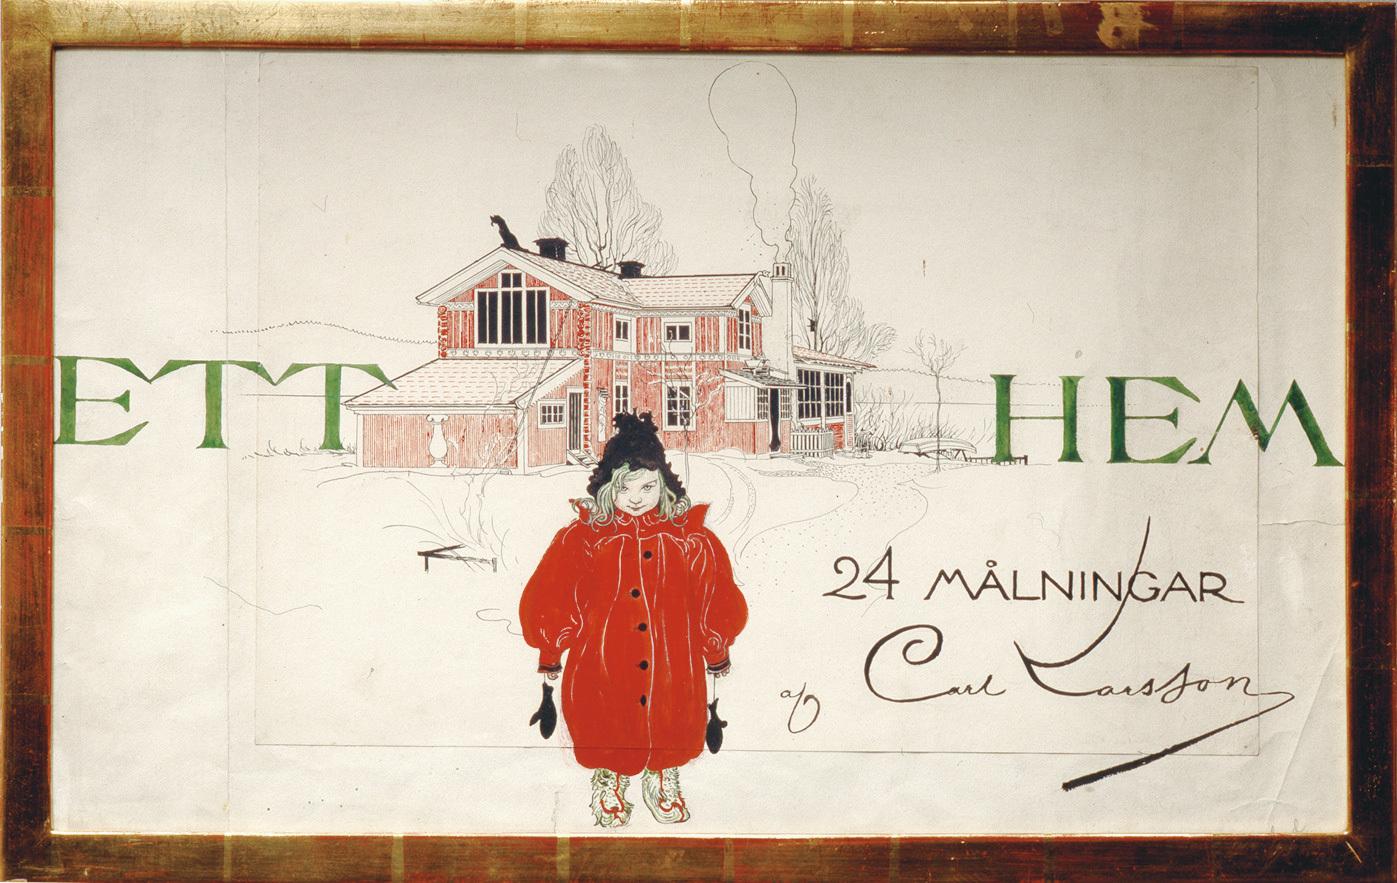 画集『わたしの家』 1899年刊 カール・ラーション・ゴーデン (C) Carl Larsson-gården